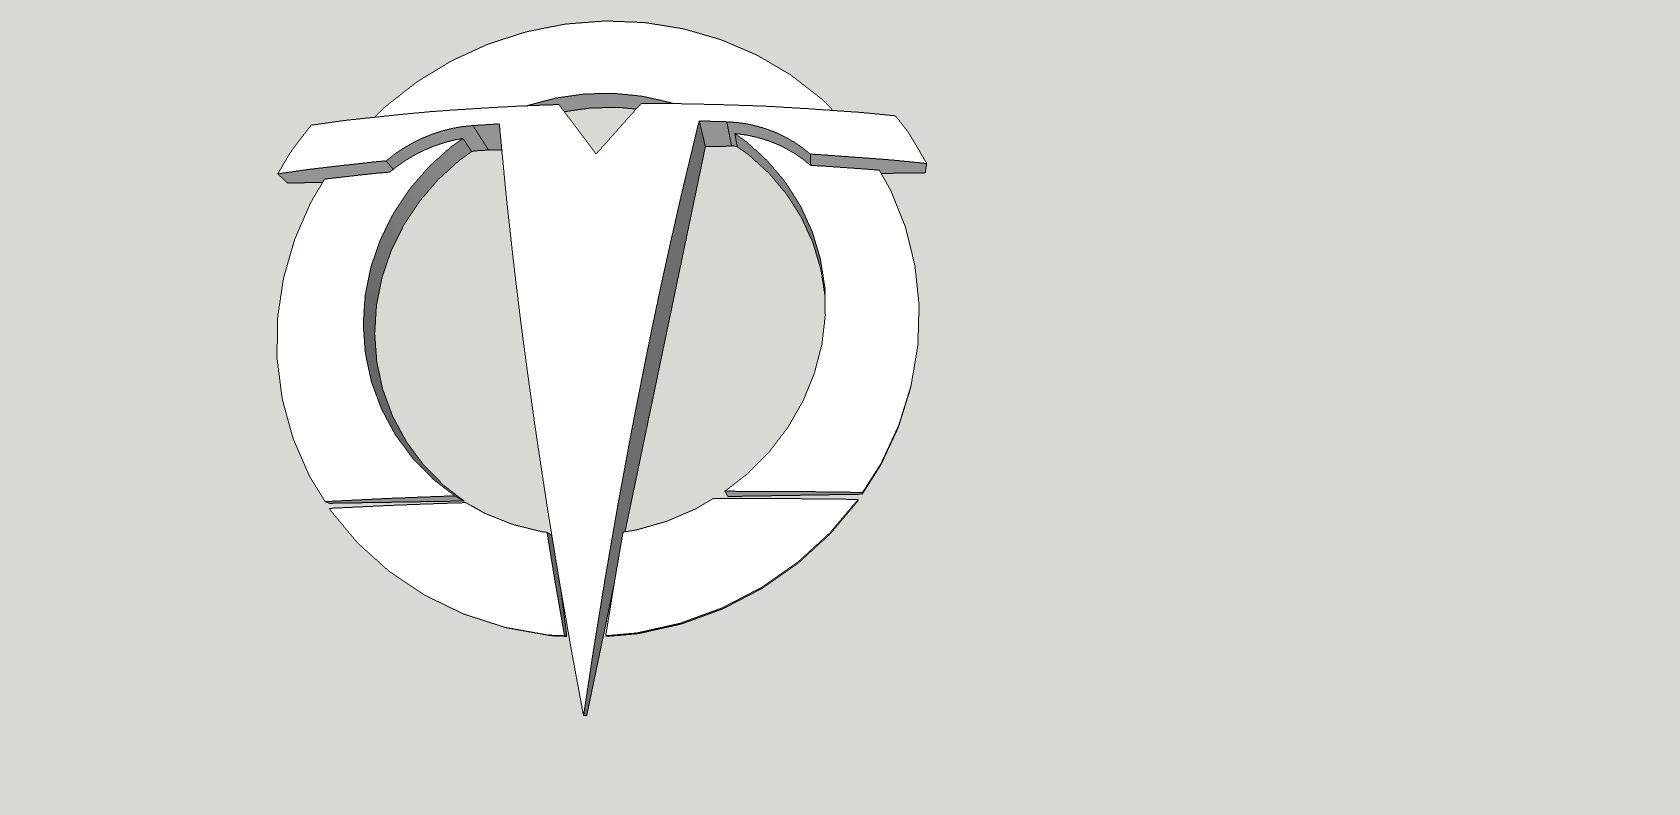 tmc logo 3d.png